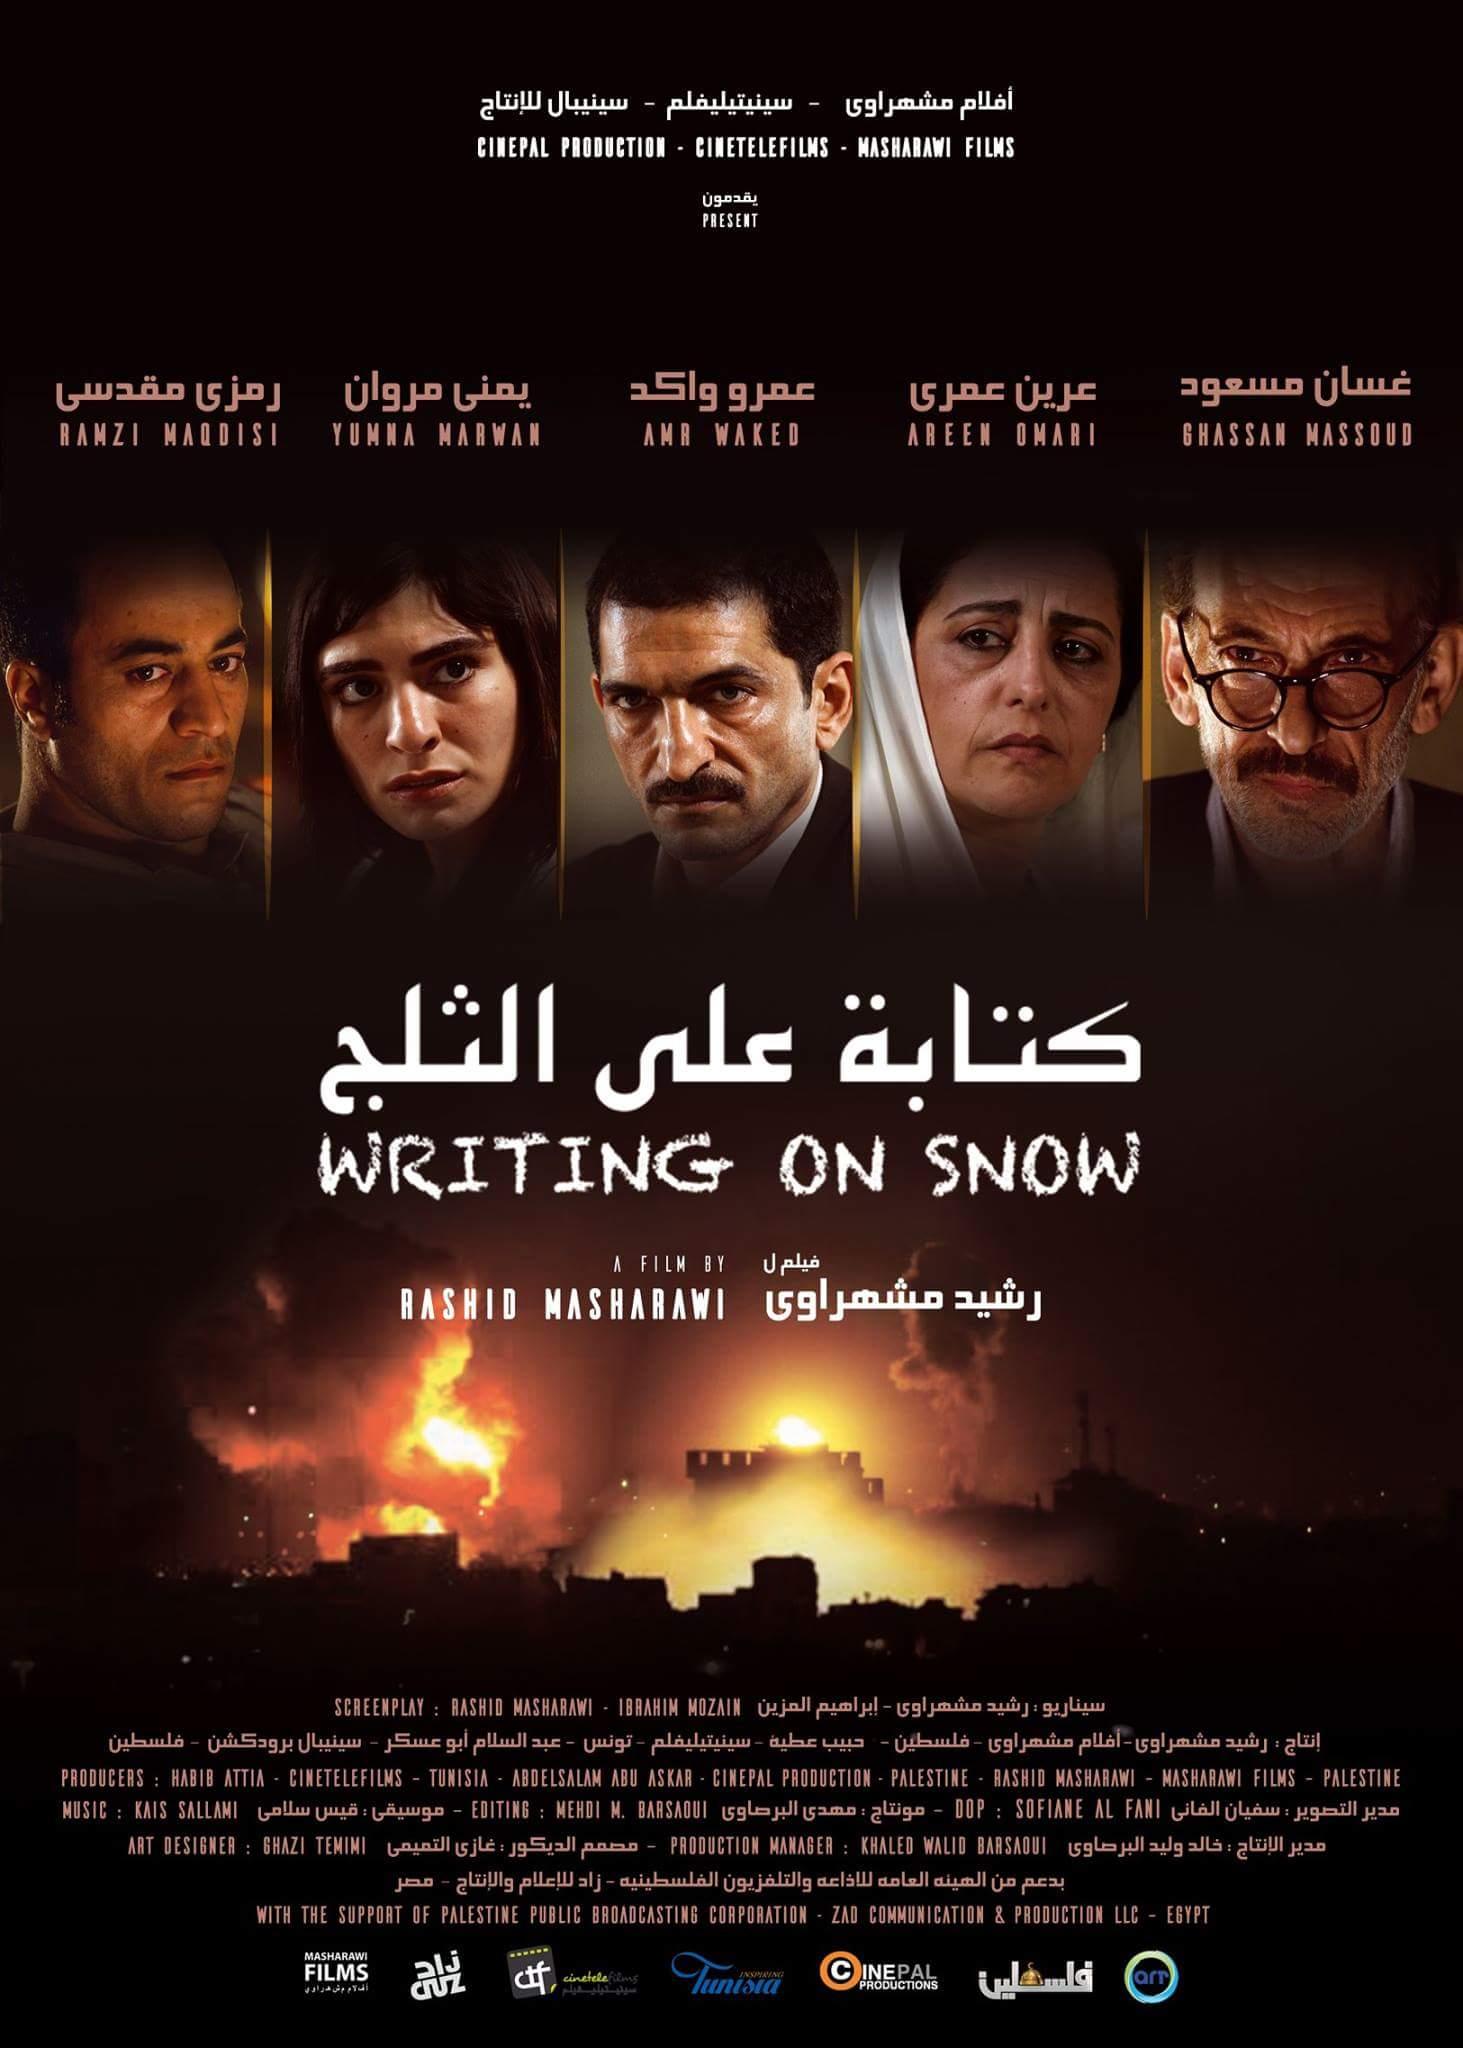 بوستر فيلم كتابة على الثلج